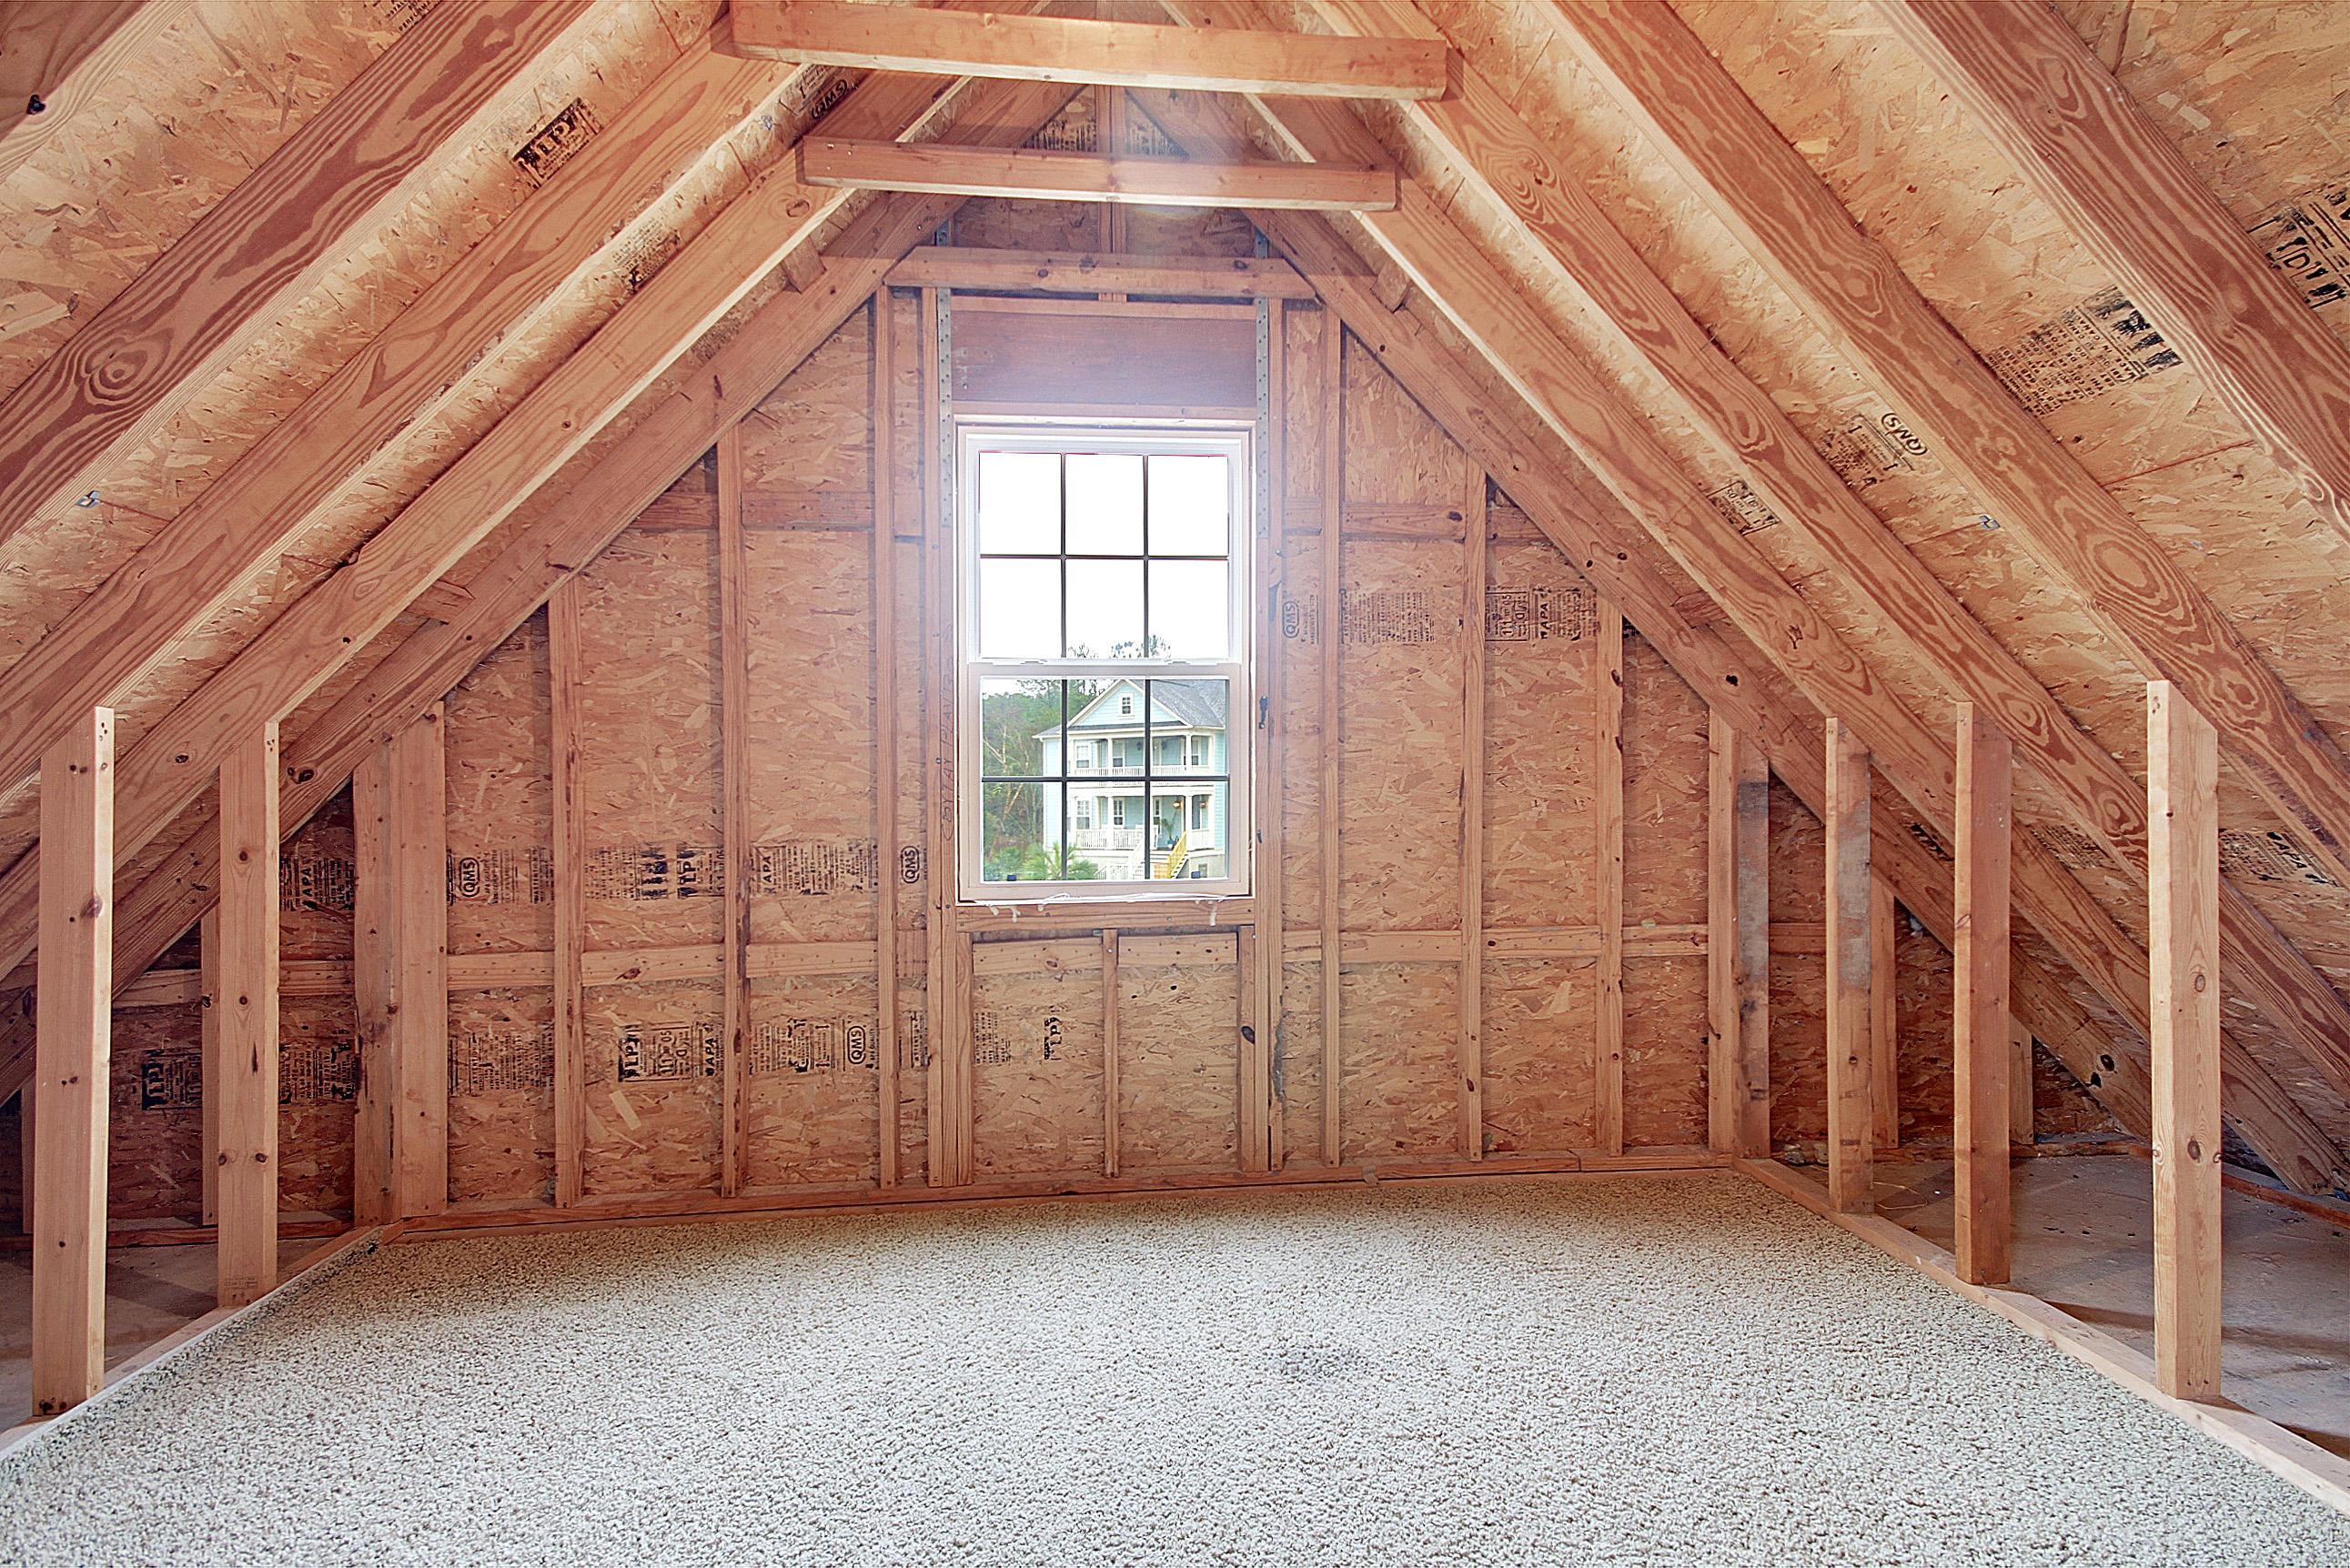 Dunes West Homes For Sale - 1501 Jacaranda, Mount Pleasant, SC - 2